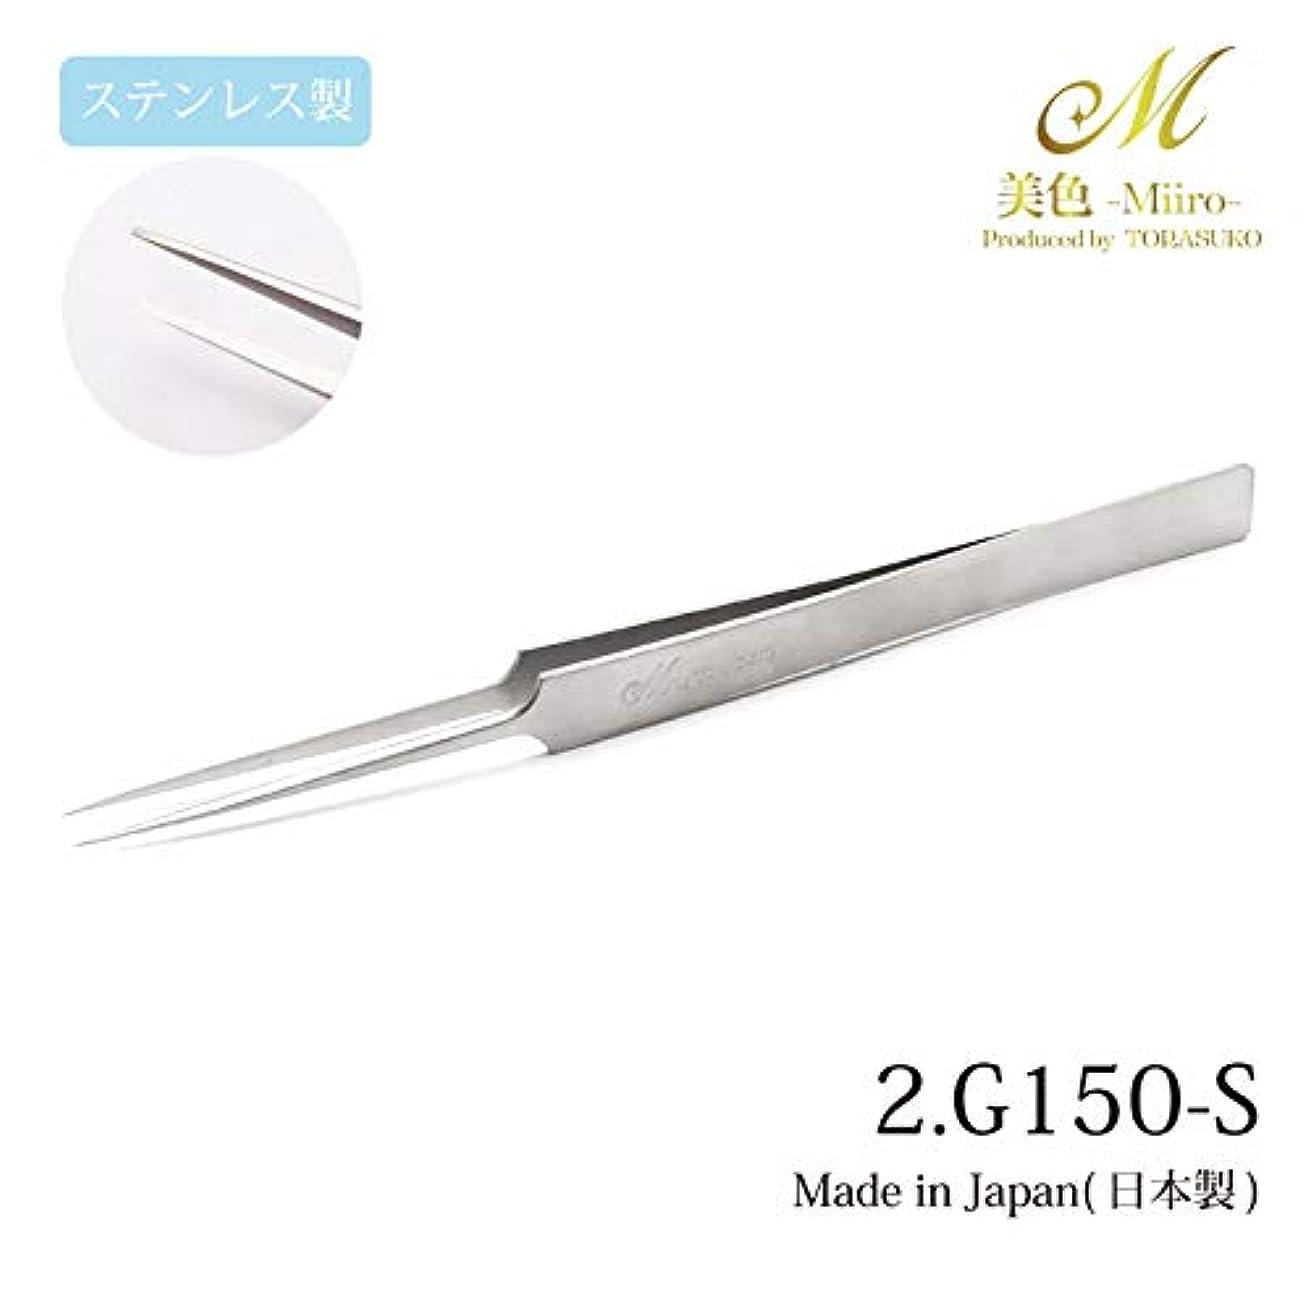 みがきます買収更新日本製 ツイーザー 2.G150-S